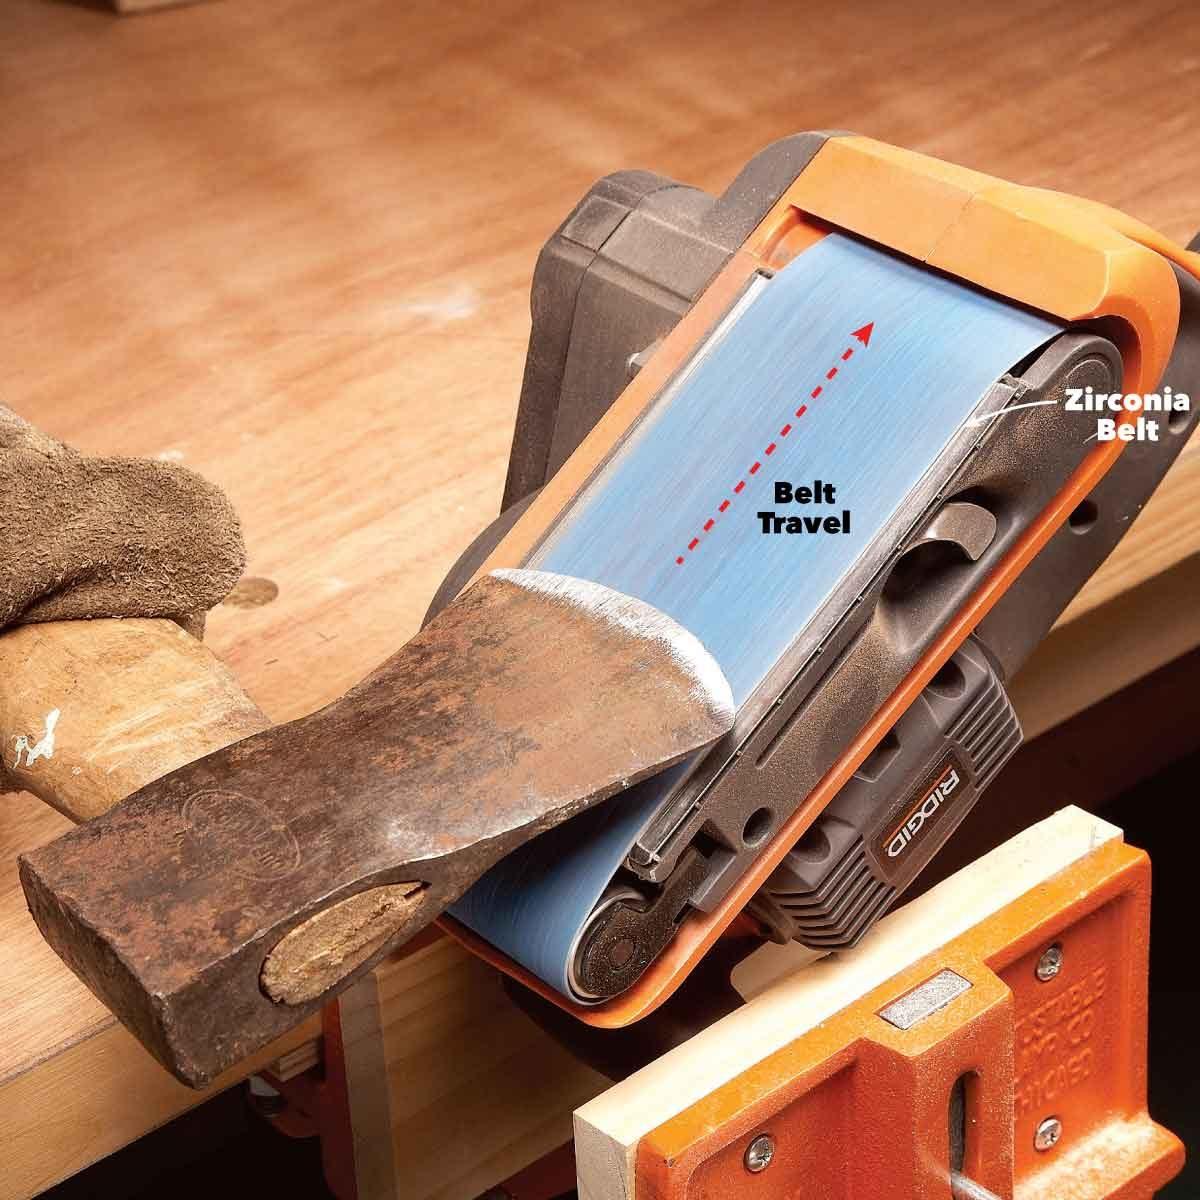 belt sander good for rough sharpening